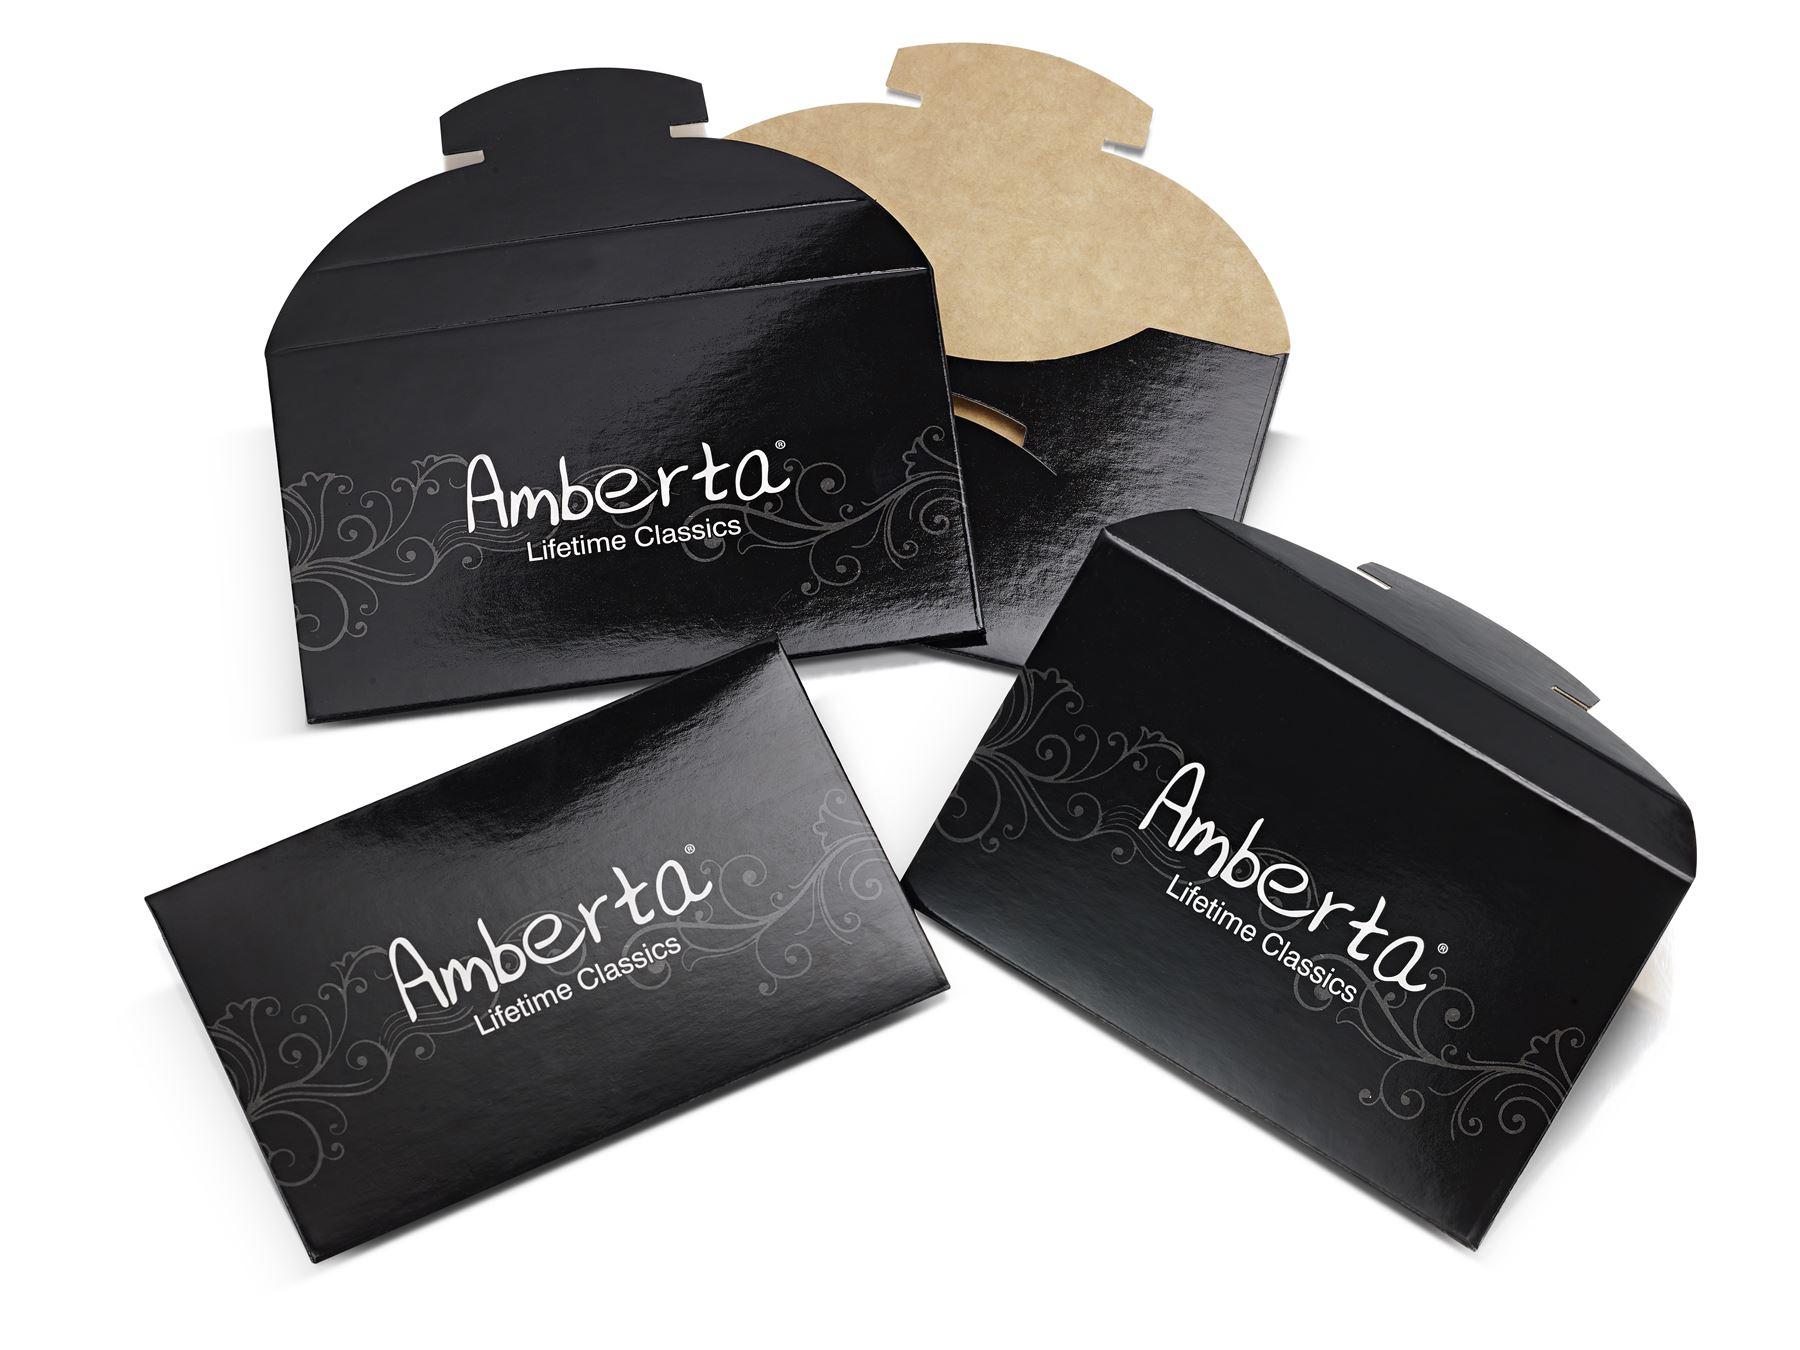 Amberta-Bijoux-Bracelet-en-Vrai-Argent-Sterling-925-Chaine-pour-Femme-a-la-Mode thumbnail 36